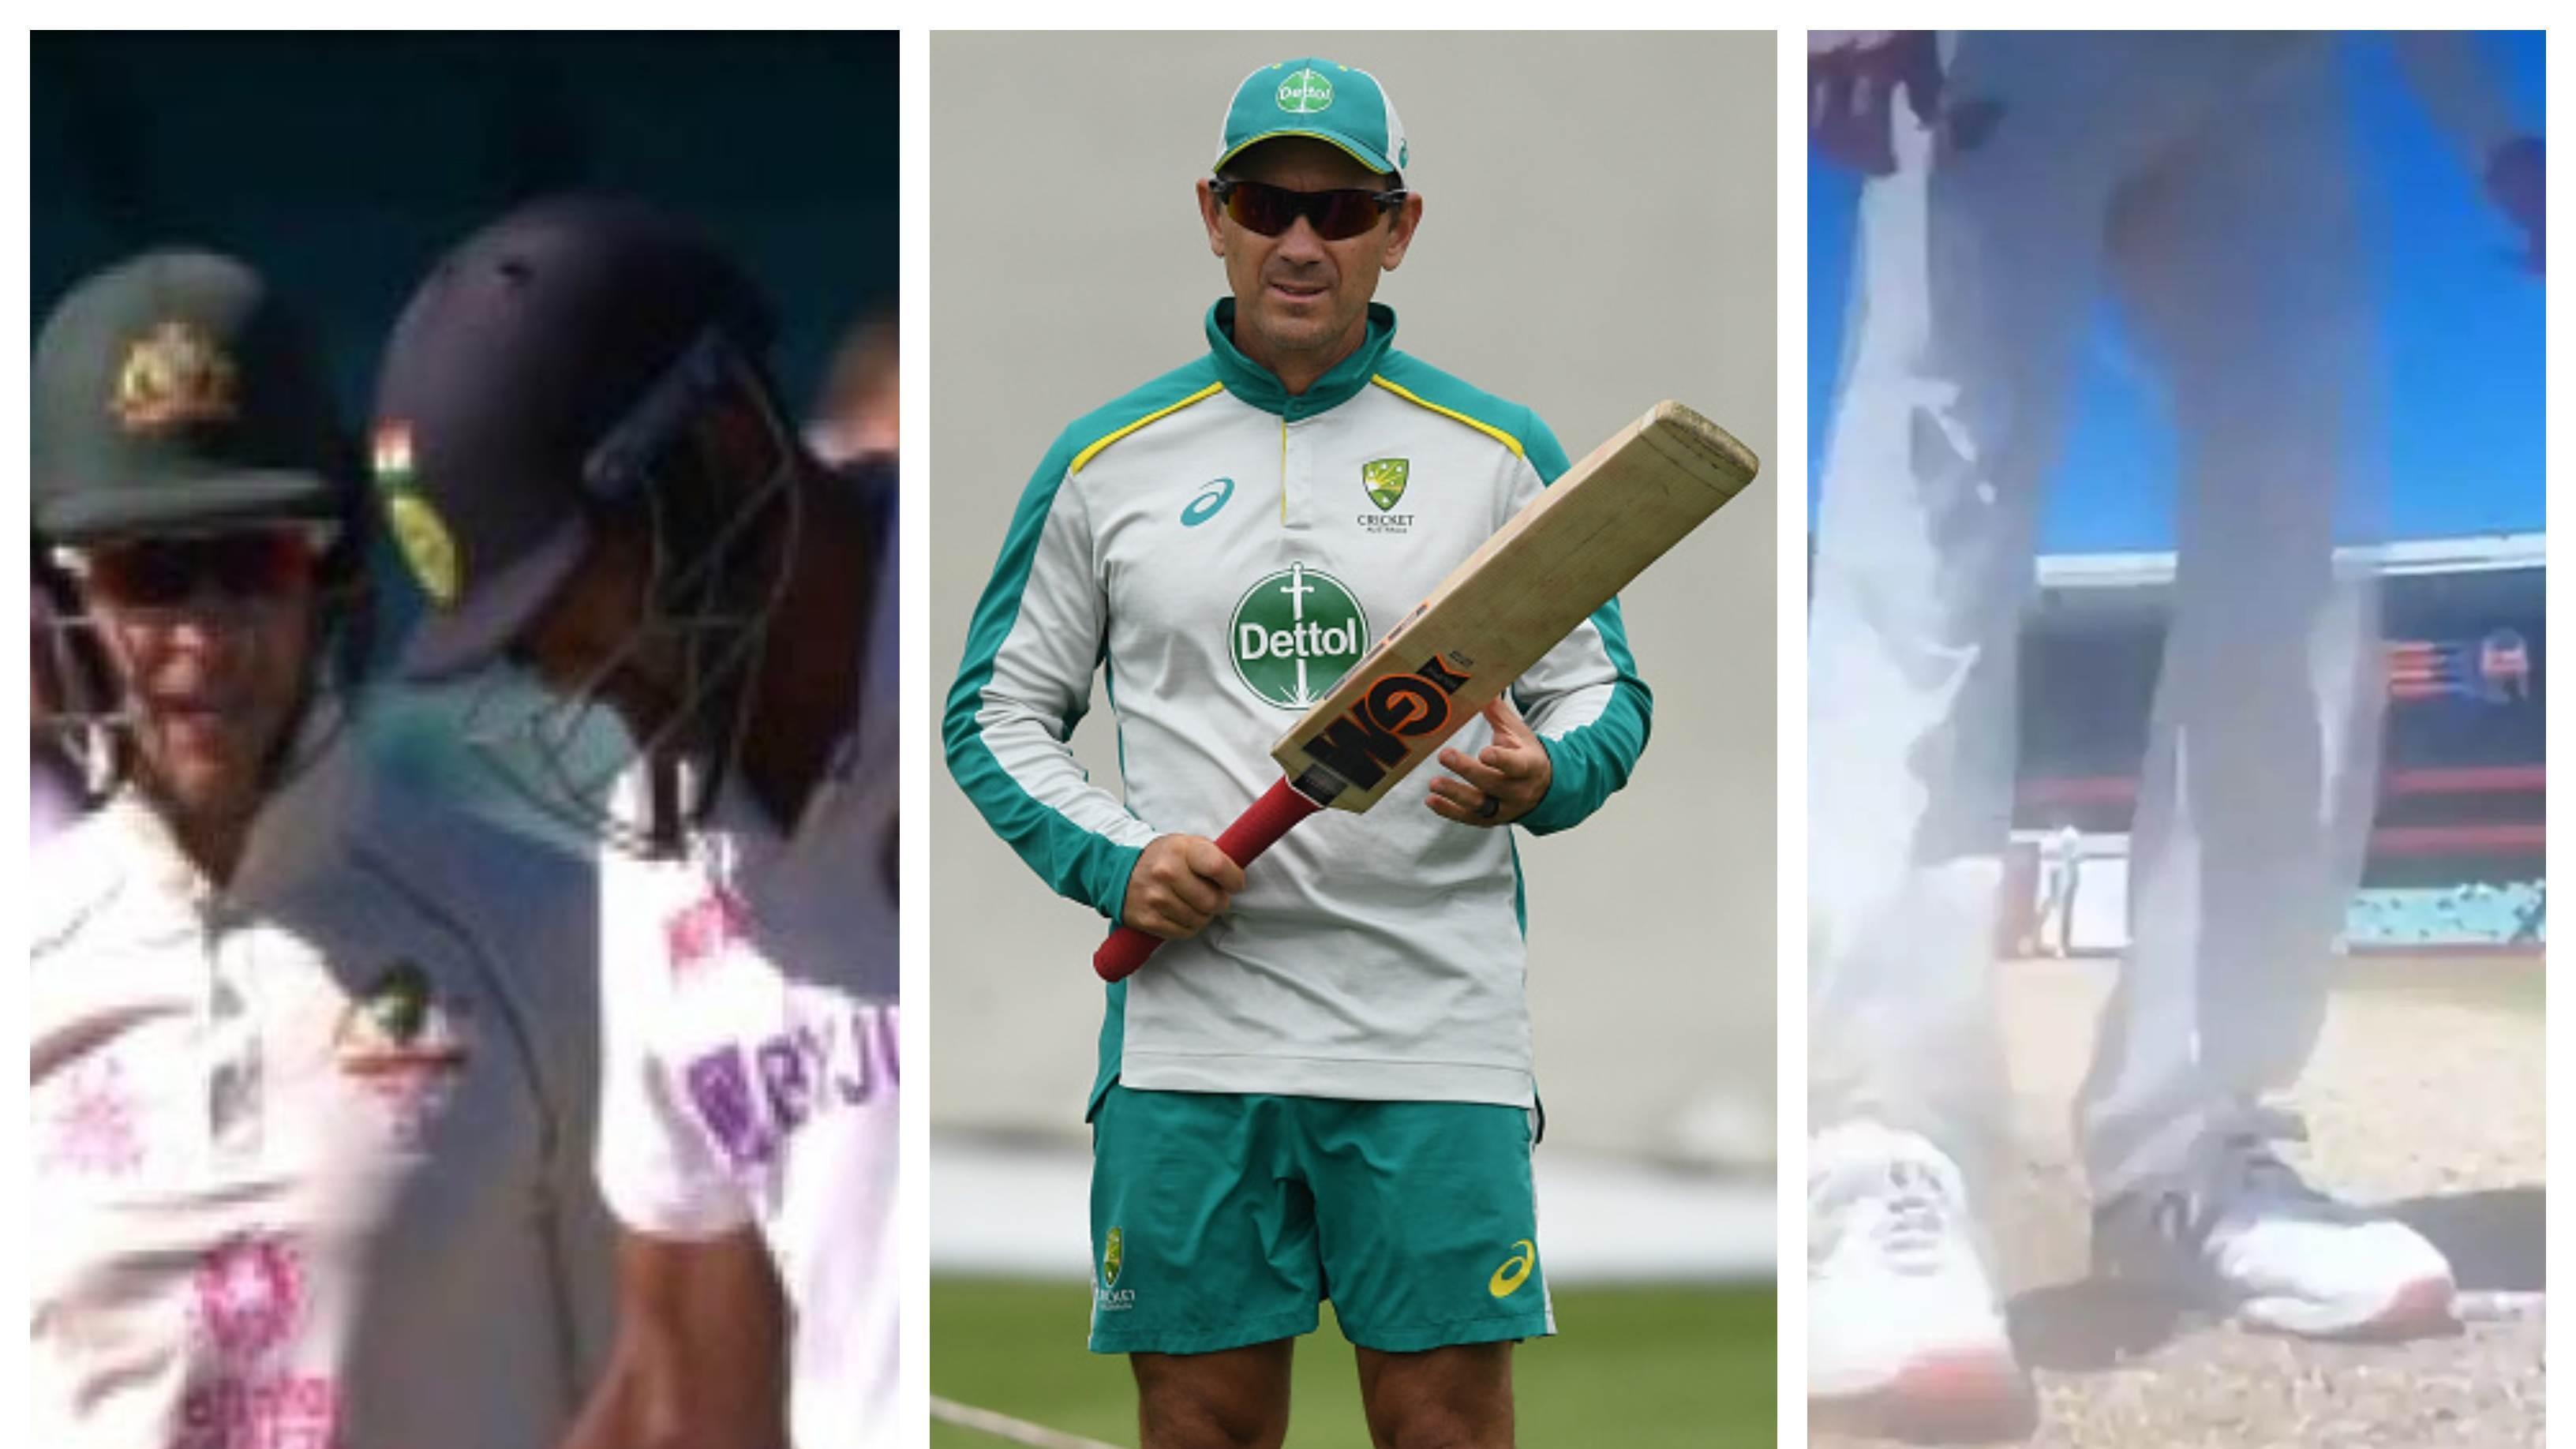 AUS v IND 2020-21: Justin Langer blasts criticism of Tim Paine, Steve Smith after Sydney Test